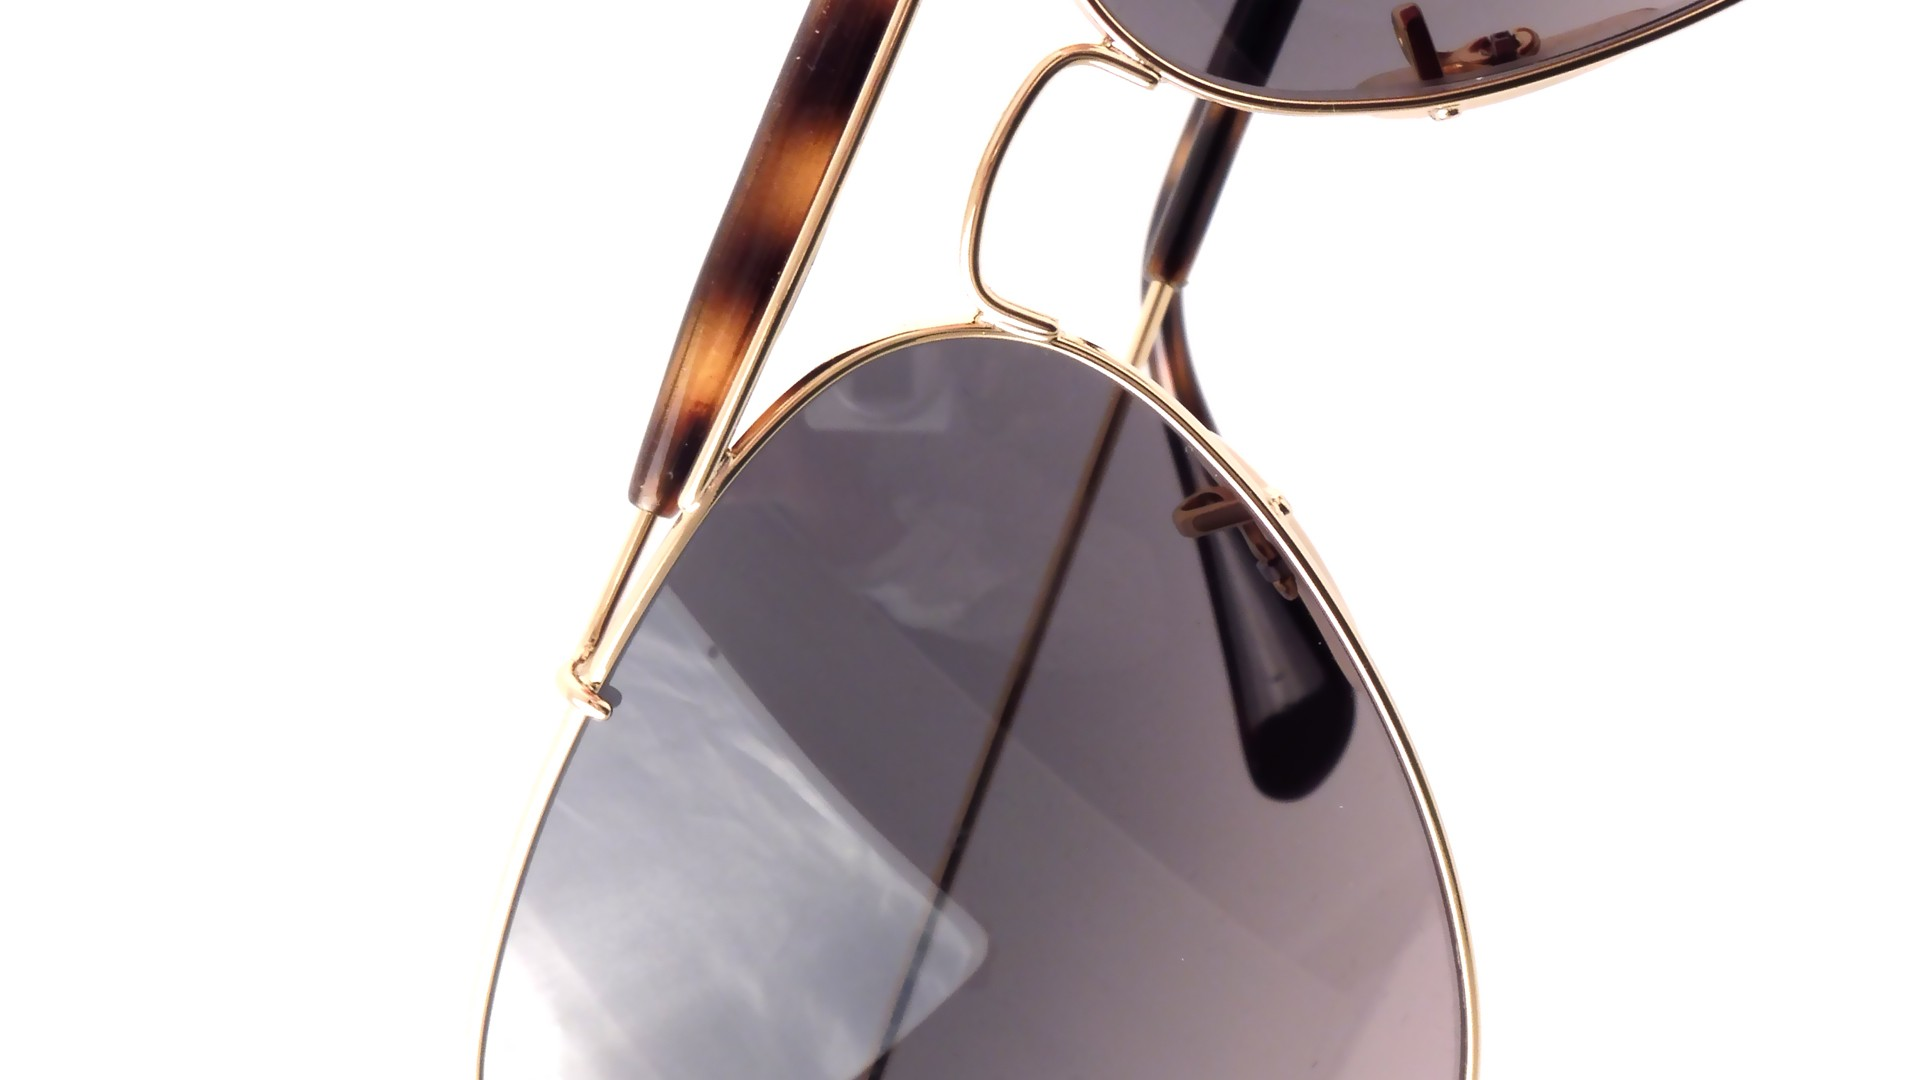 d757d635131 Sonnenbrillen Ray-Ban Outdoorsman Ii Gold RB3029 181 71 62-14 Breit  Gradient Gläser